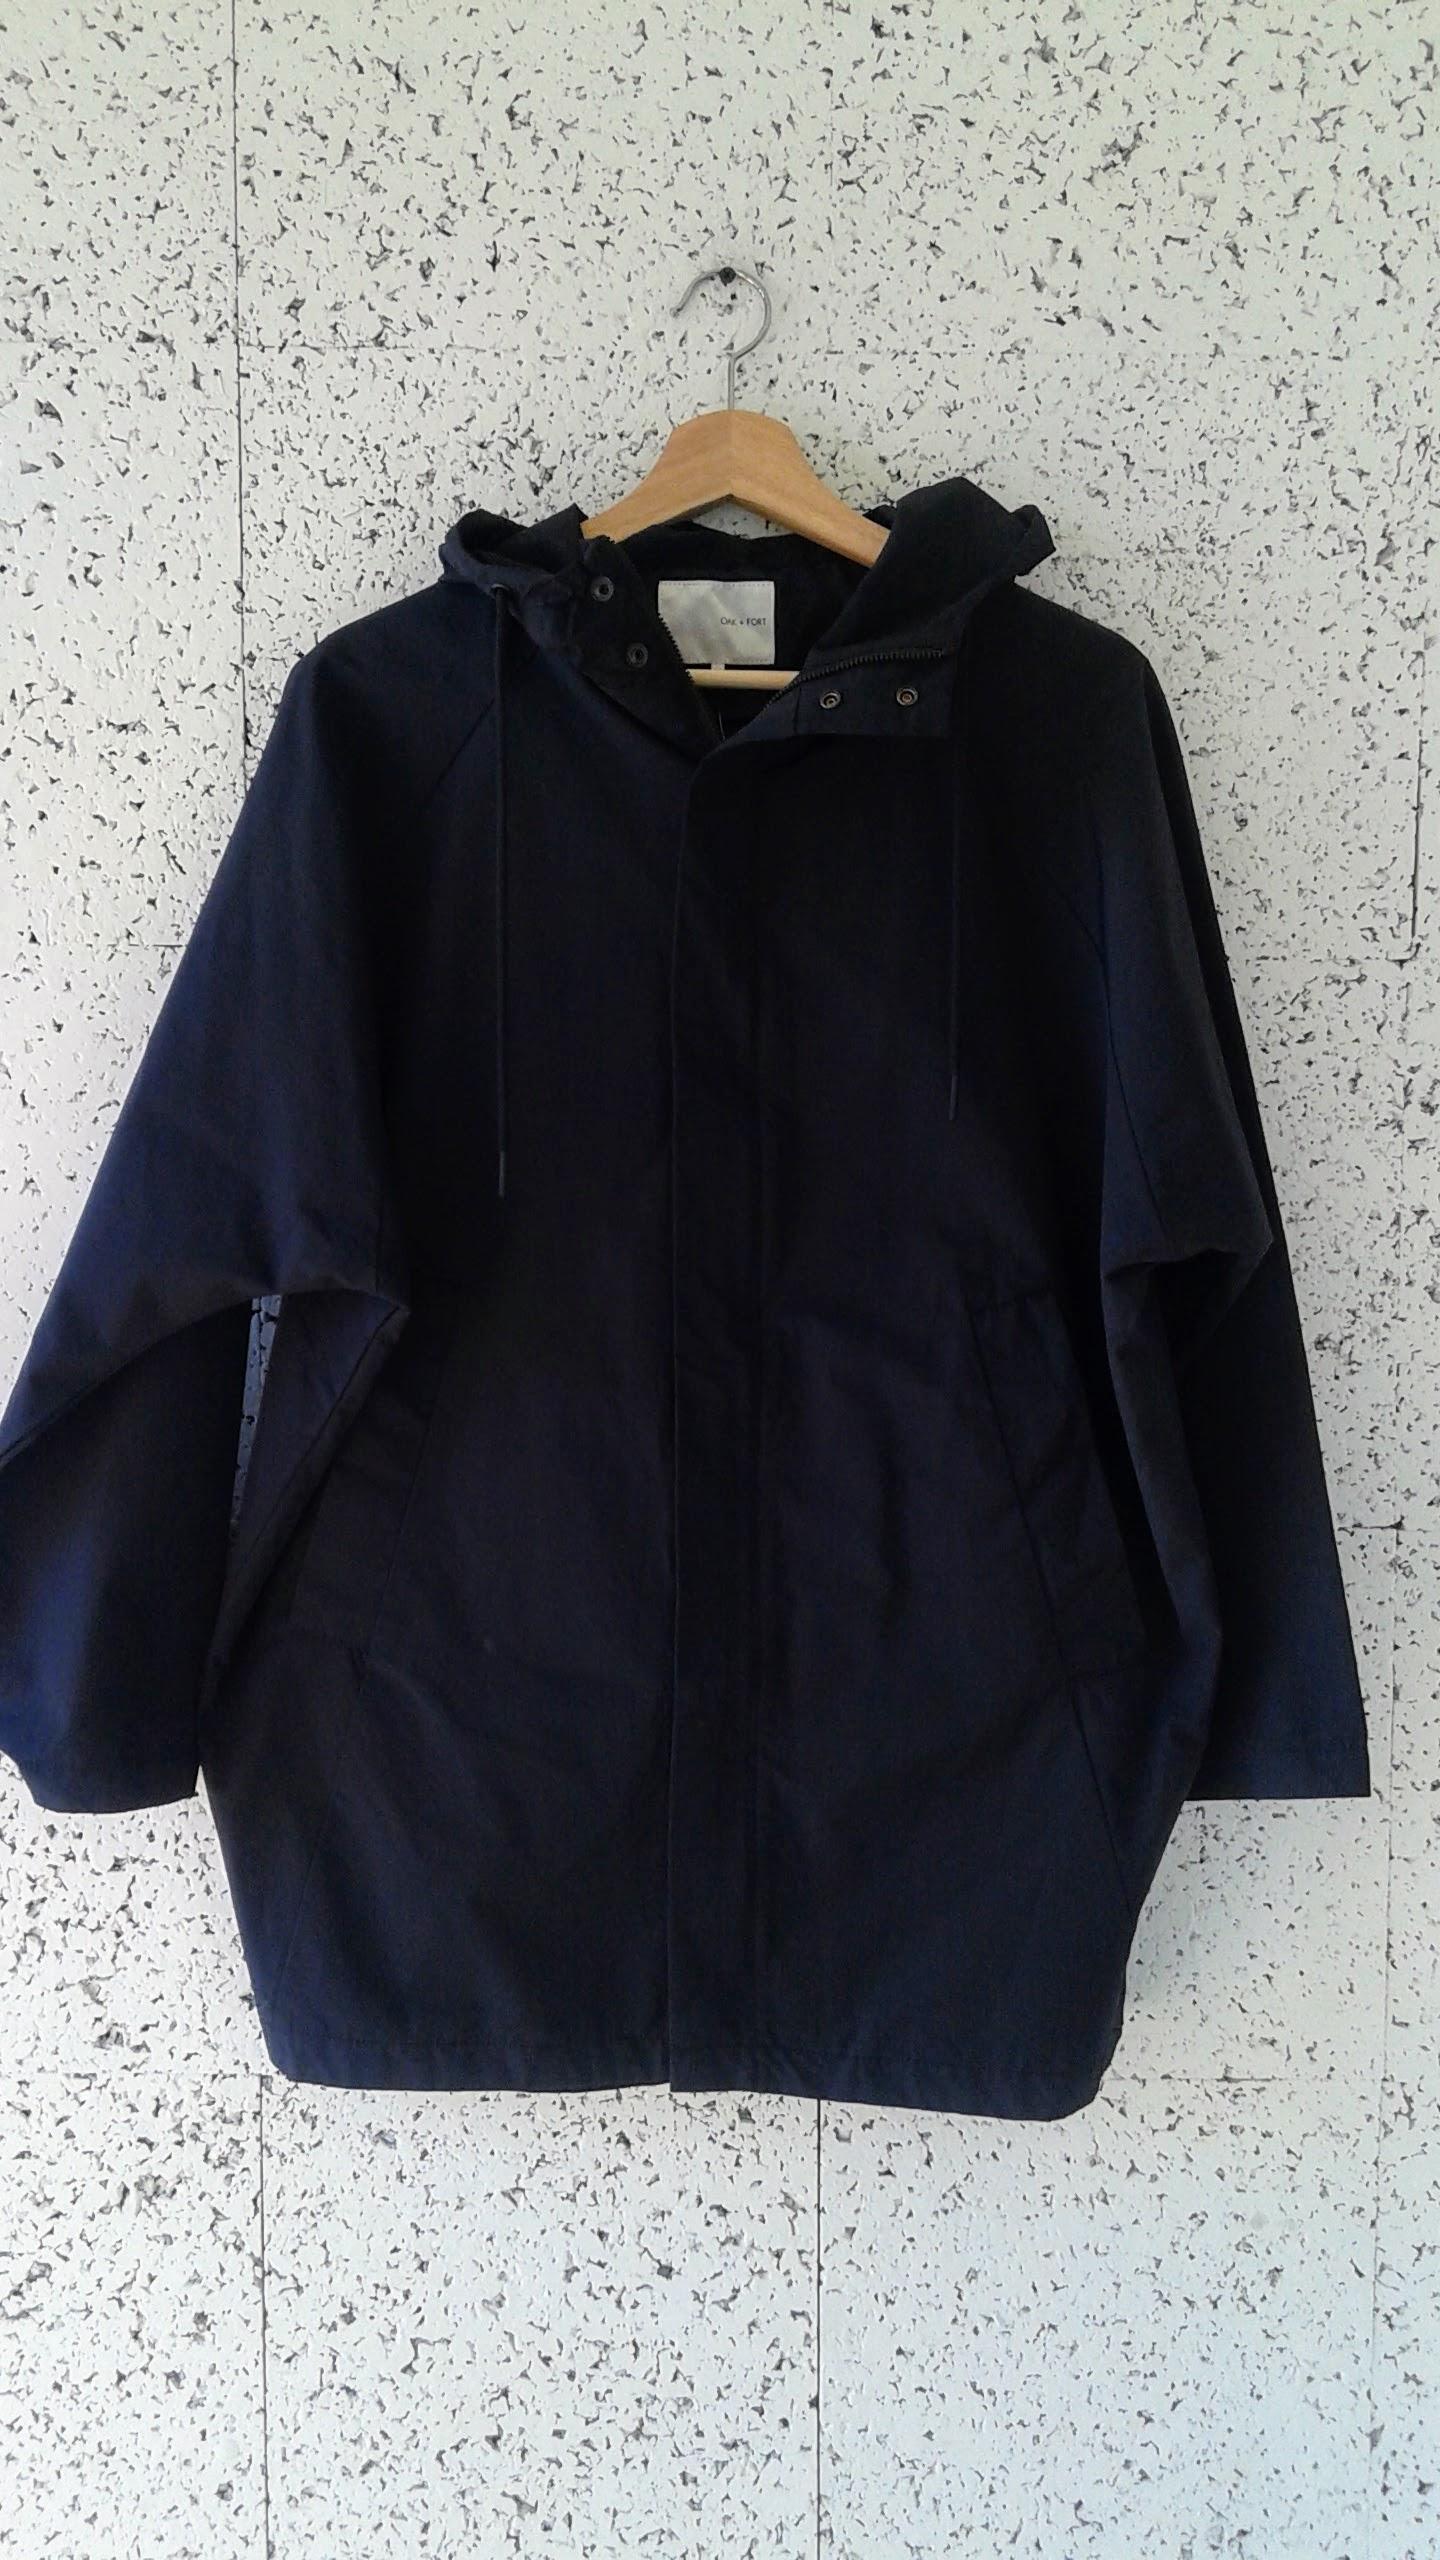 Oak+Fort jacket; Size S, $52